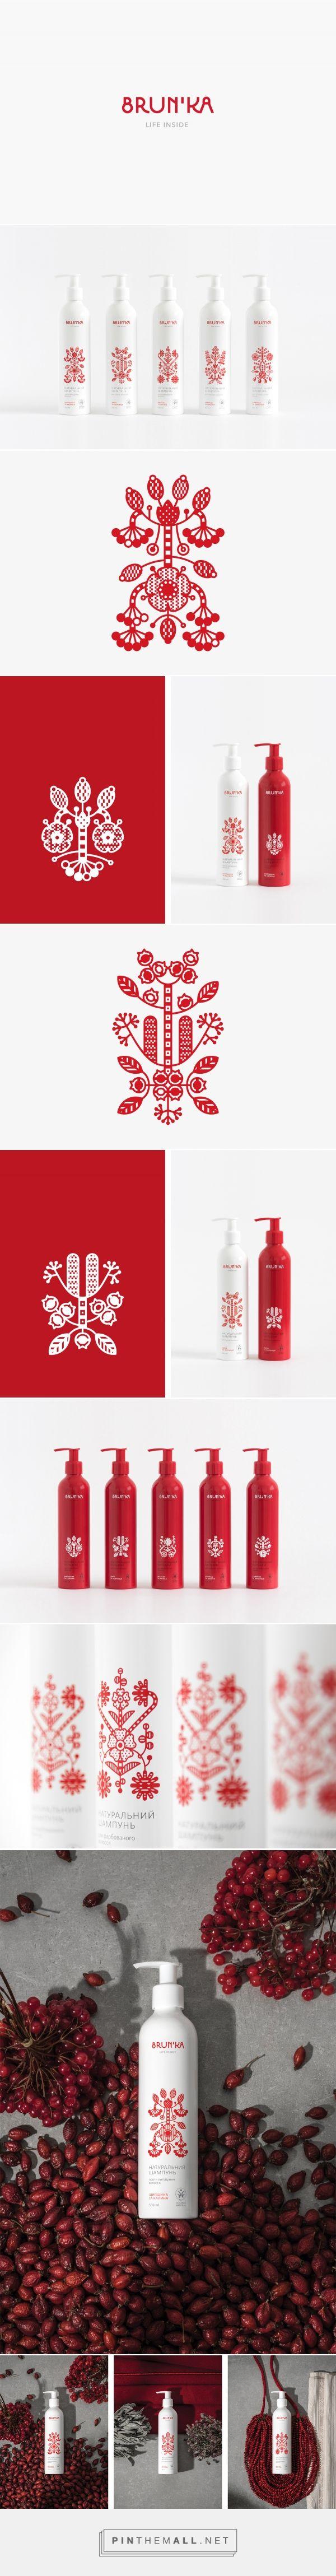 Brun'ka | Organic cosmetics line by Yurko Gutsulyak